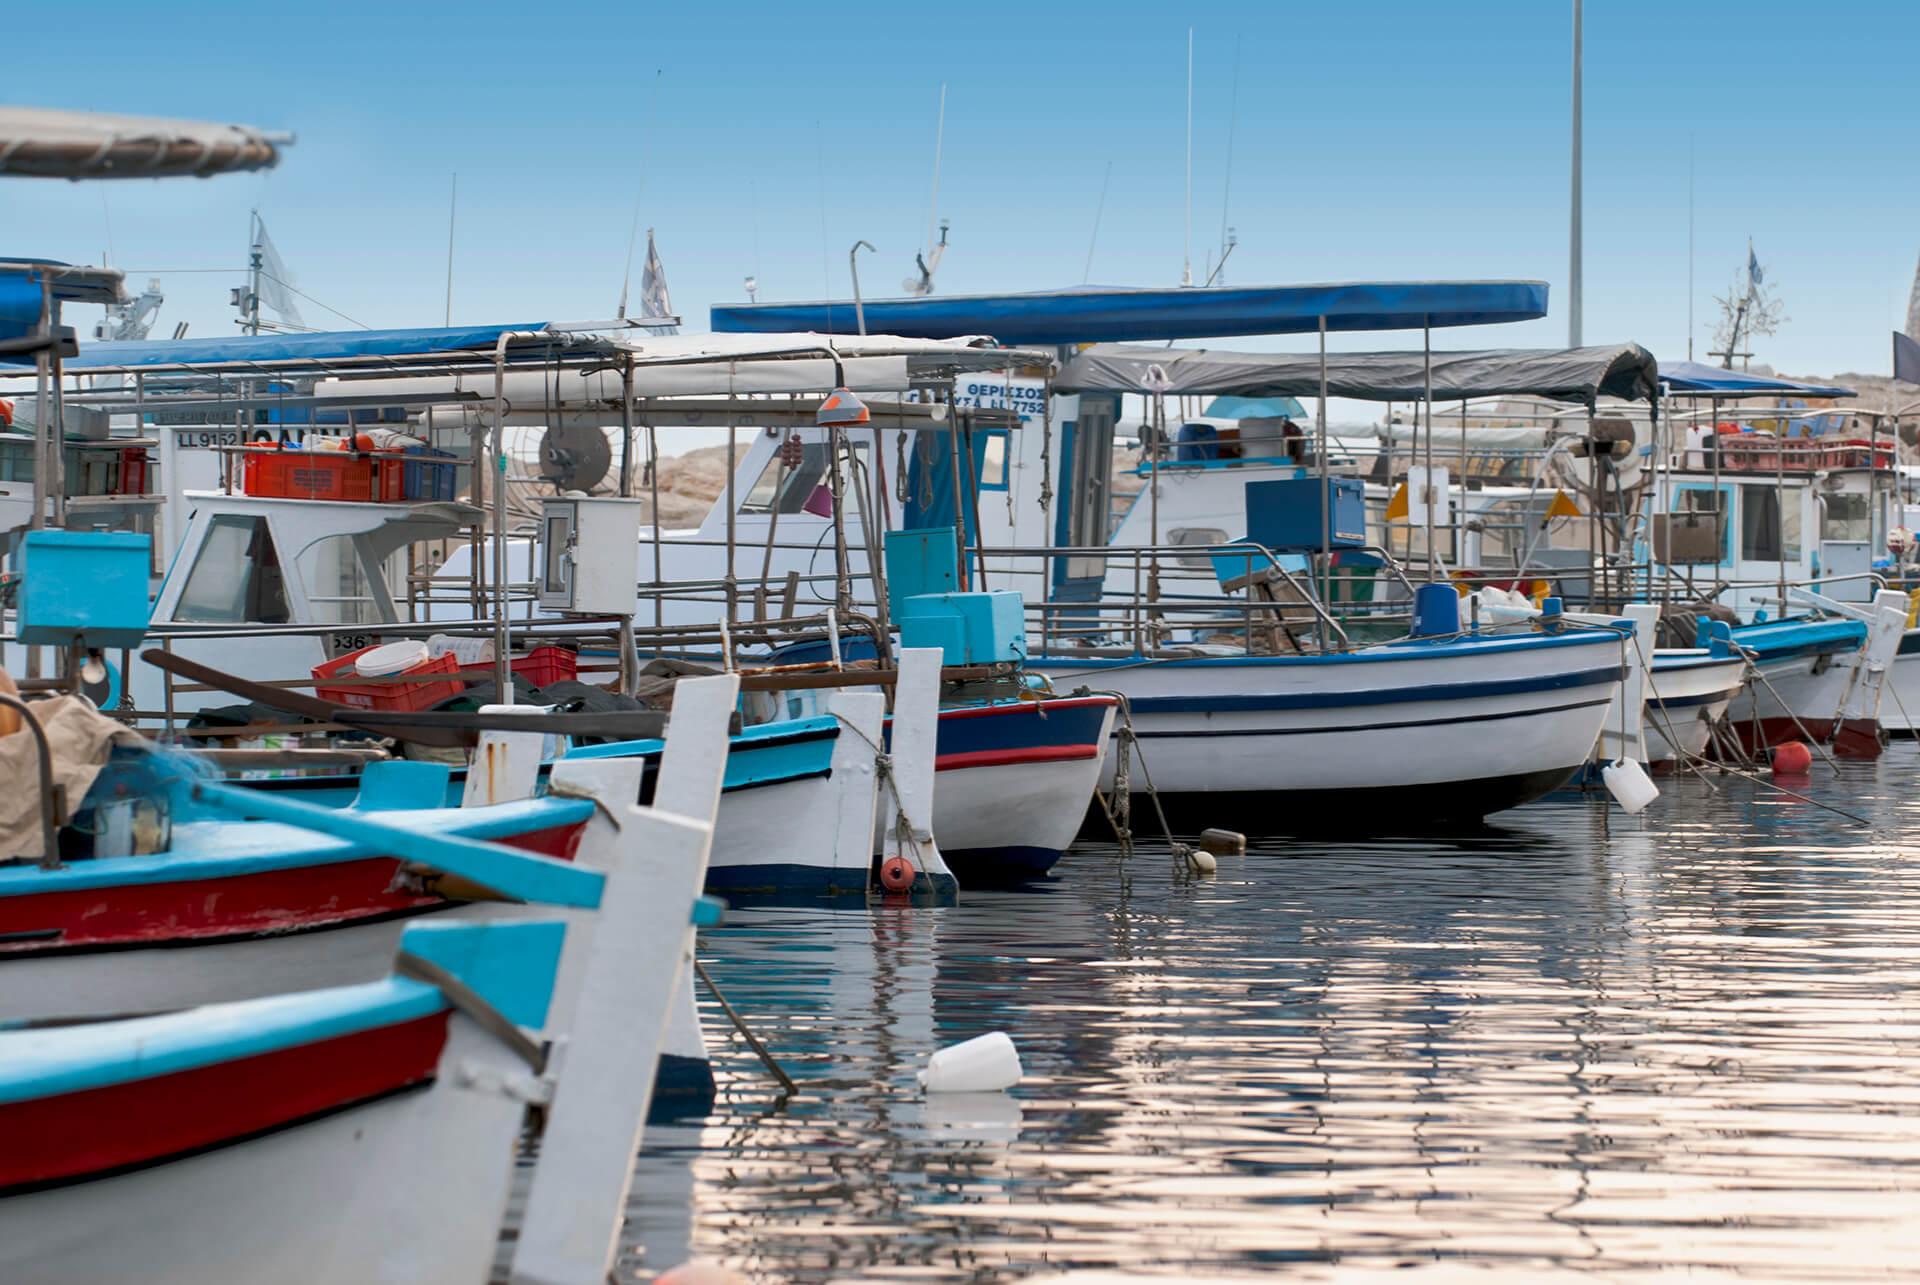 Fishing boat shelter, Larnaka, Cyprus